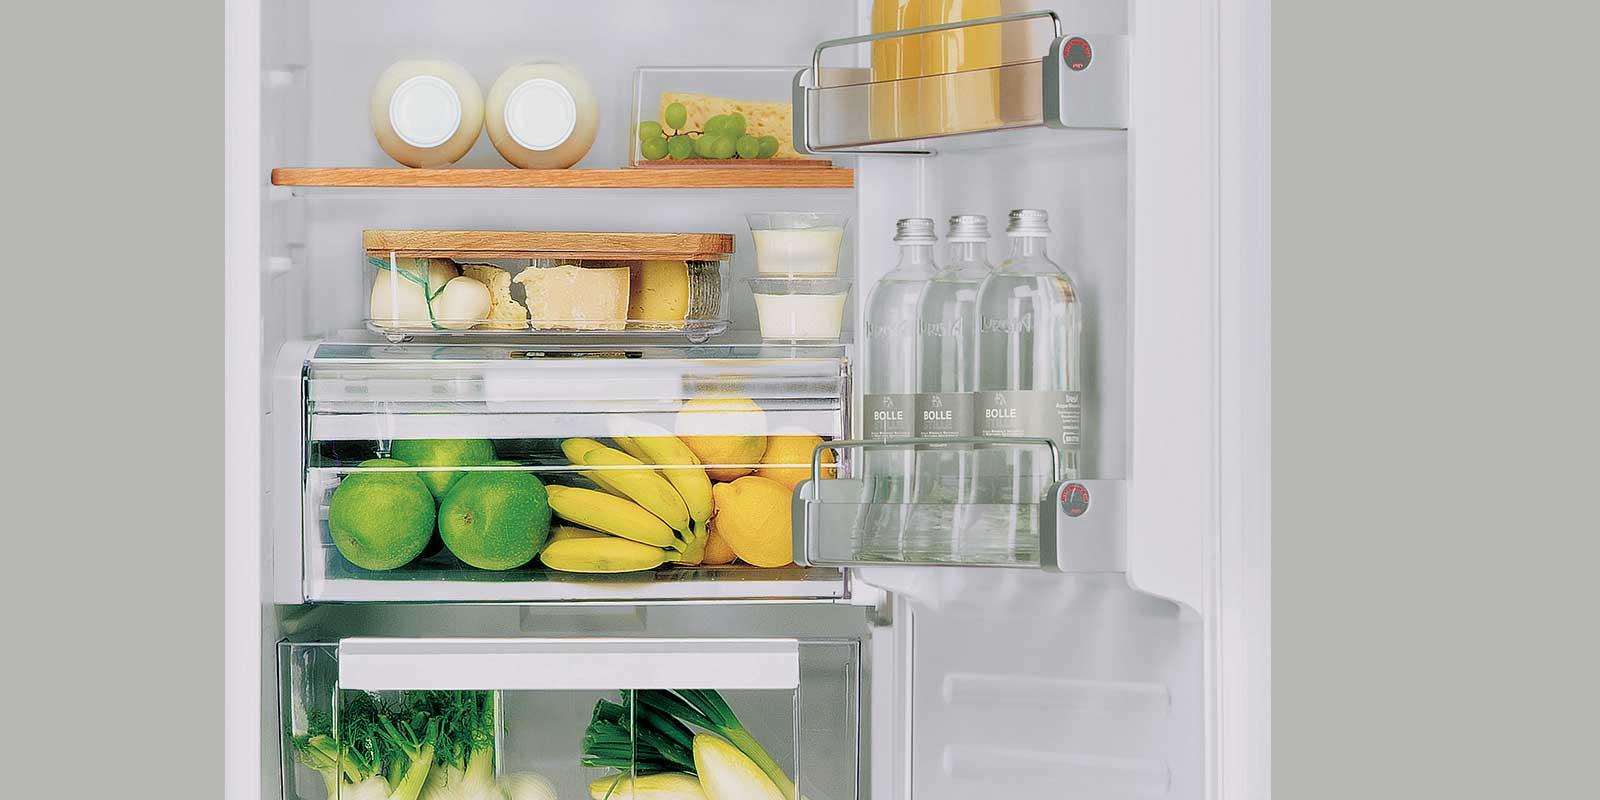 177 Cm Fridge Freezer Kcbdr 18600 Kitchenaid Uk